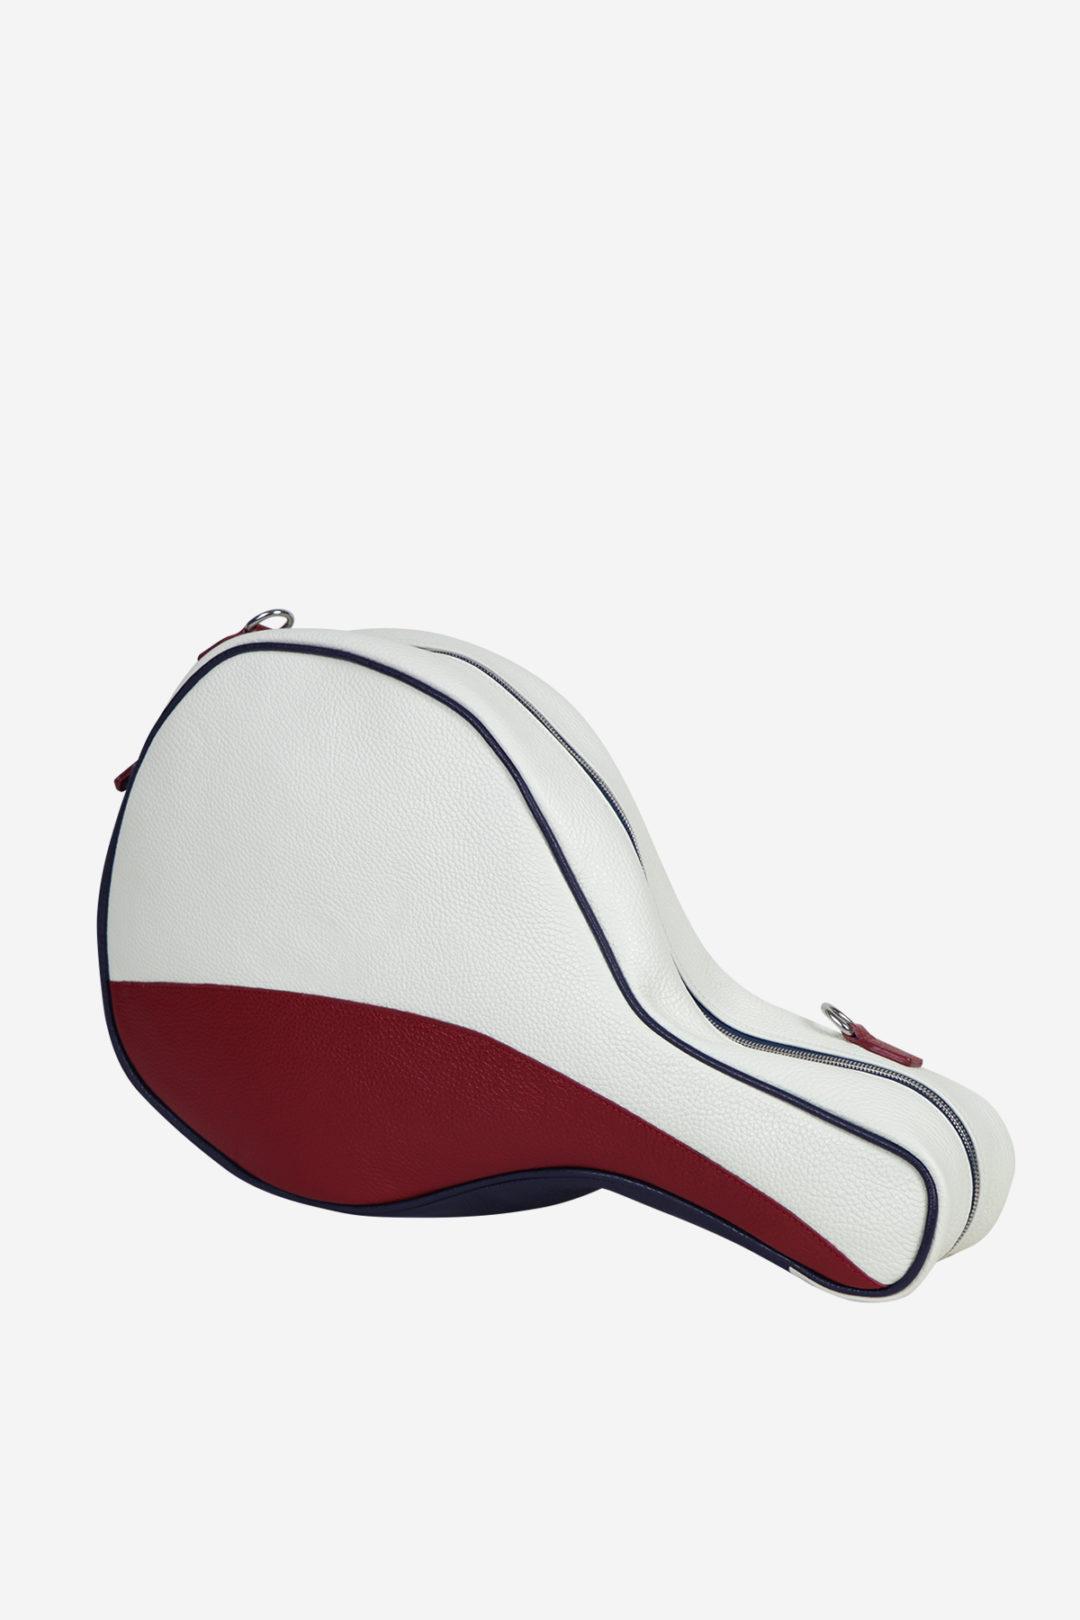 Original Padel Bag